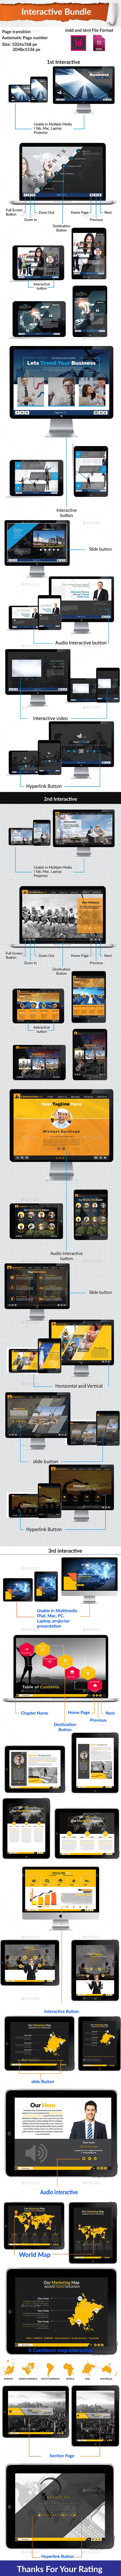 Interactive Bundle - Digital Books ePublishing